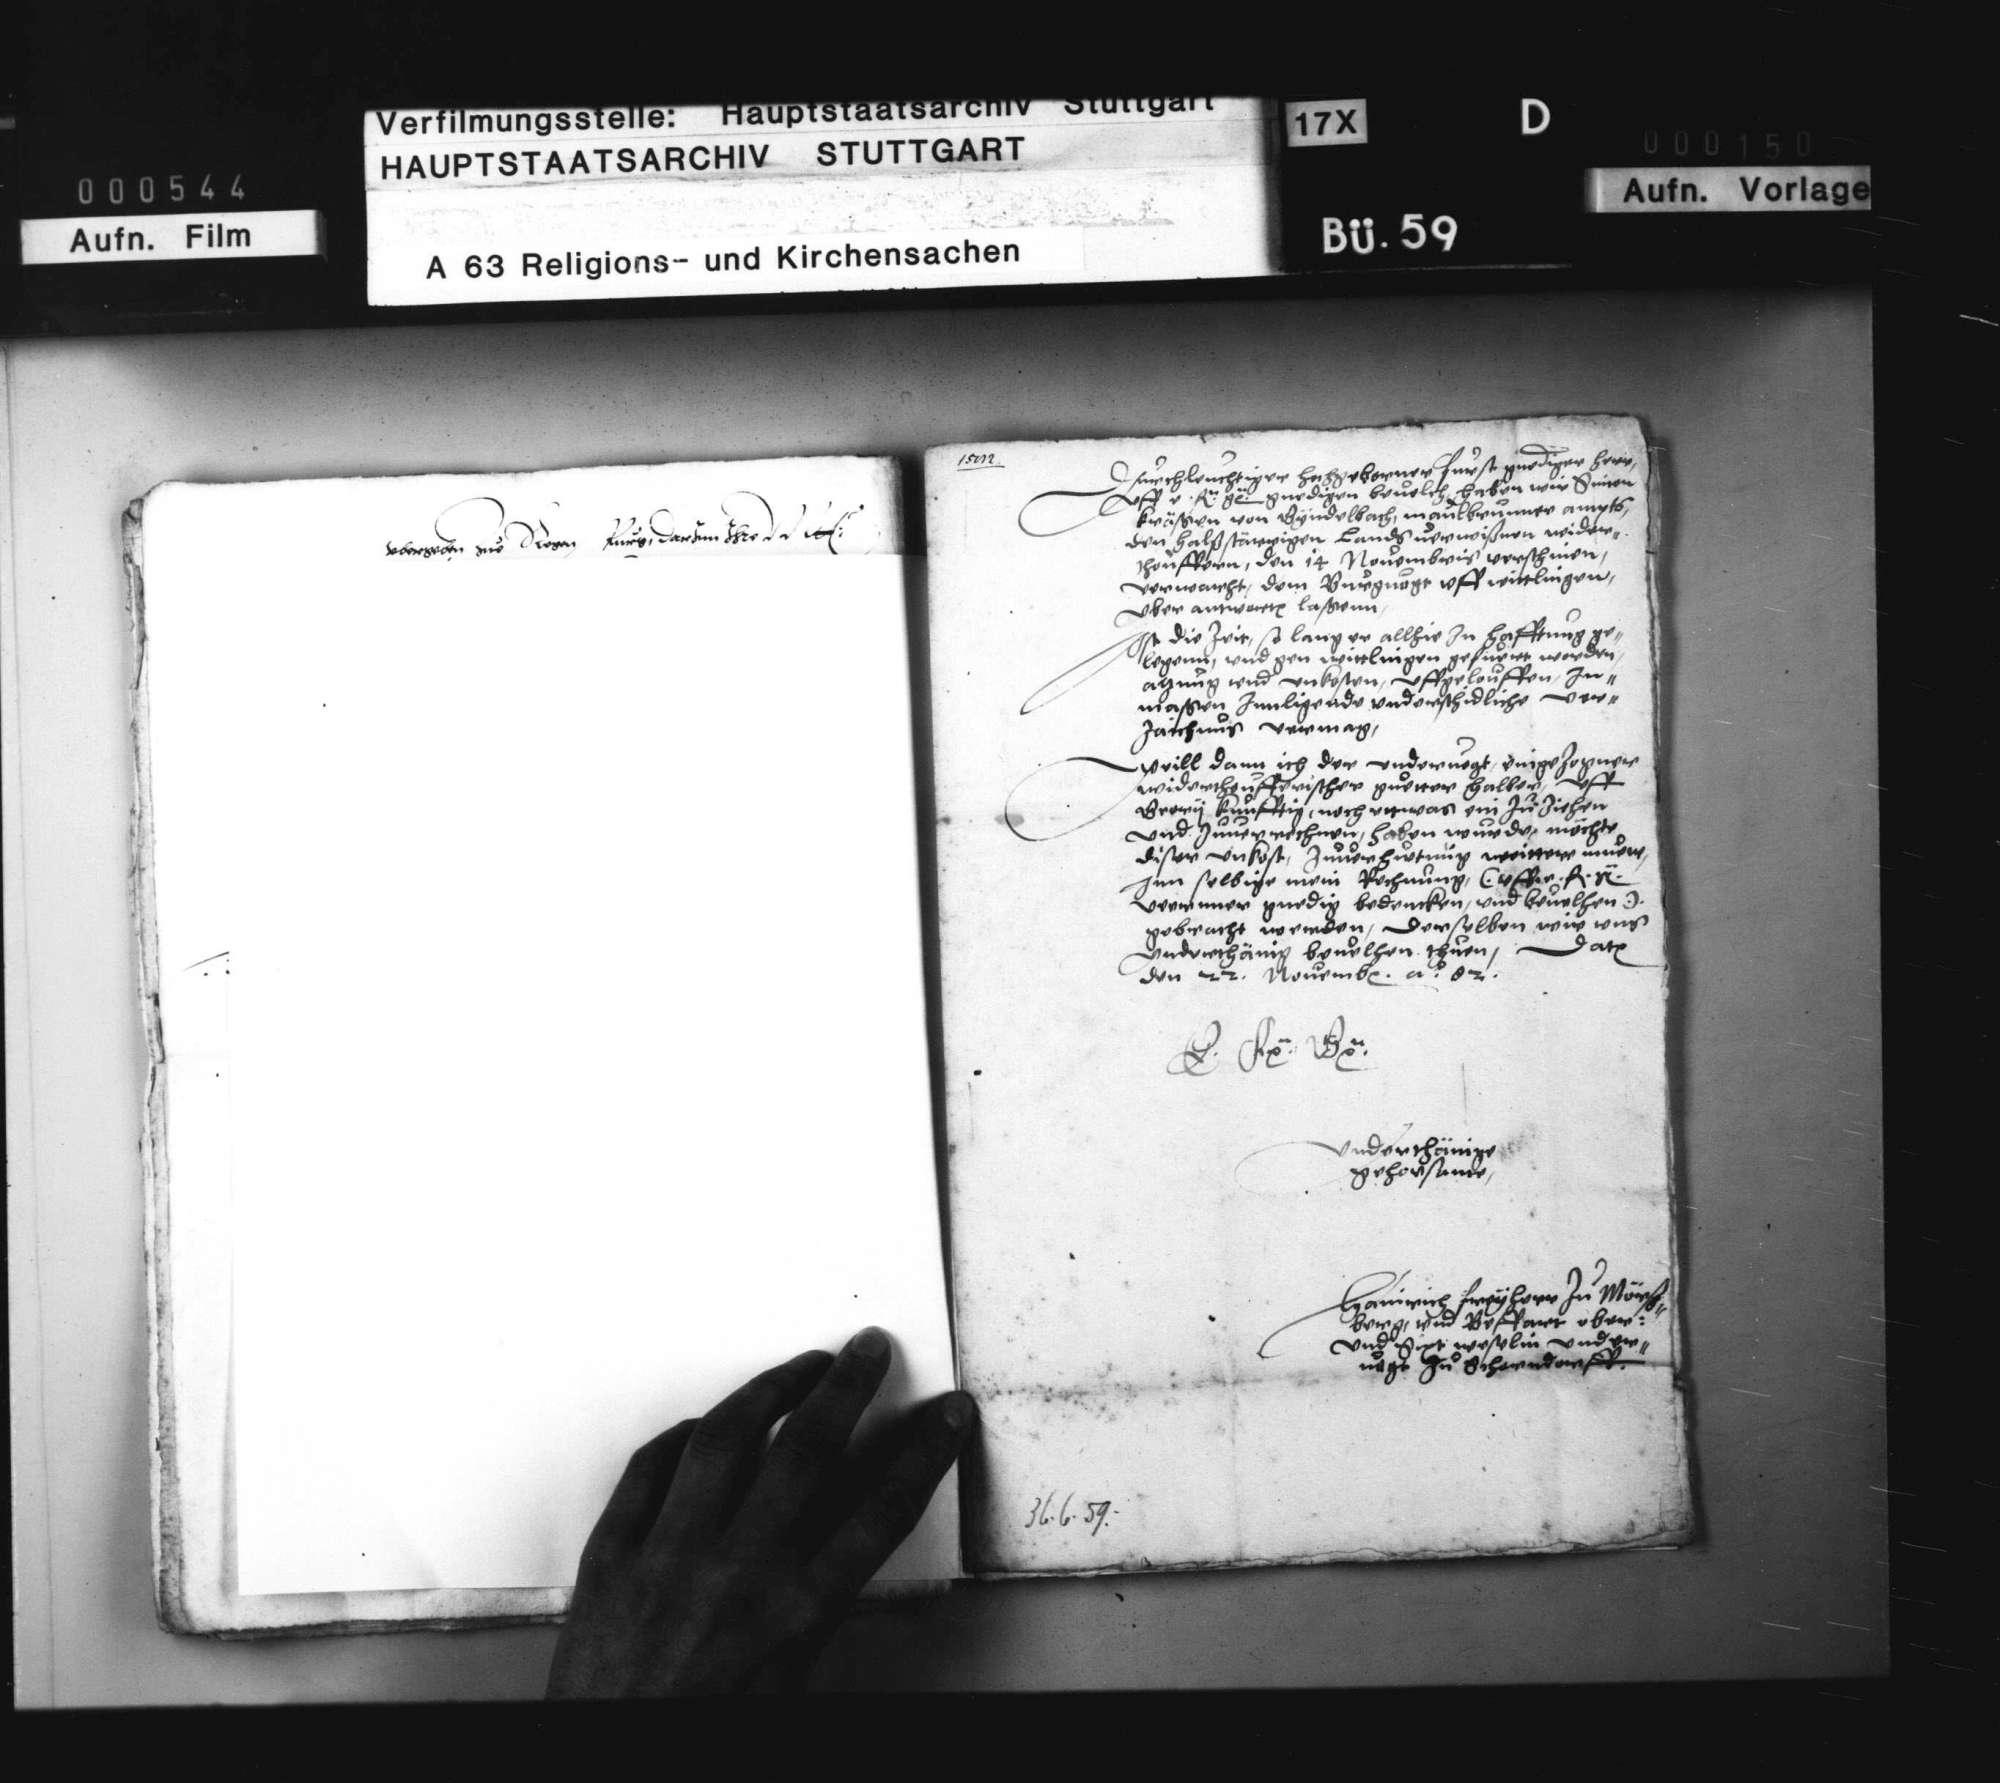 2 Schriftstücke, betreffend die Zuordnung der Kosten für den Transport eines Wiedertäufers nach Wittlingen., Bild 1